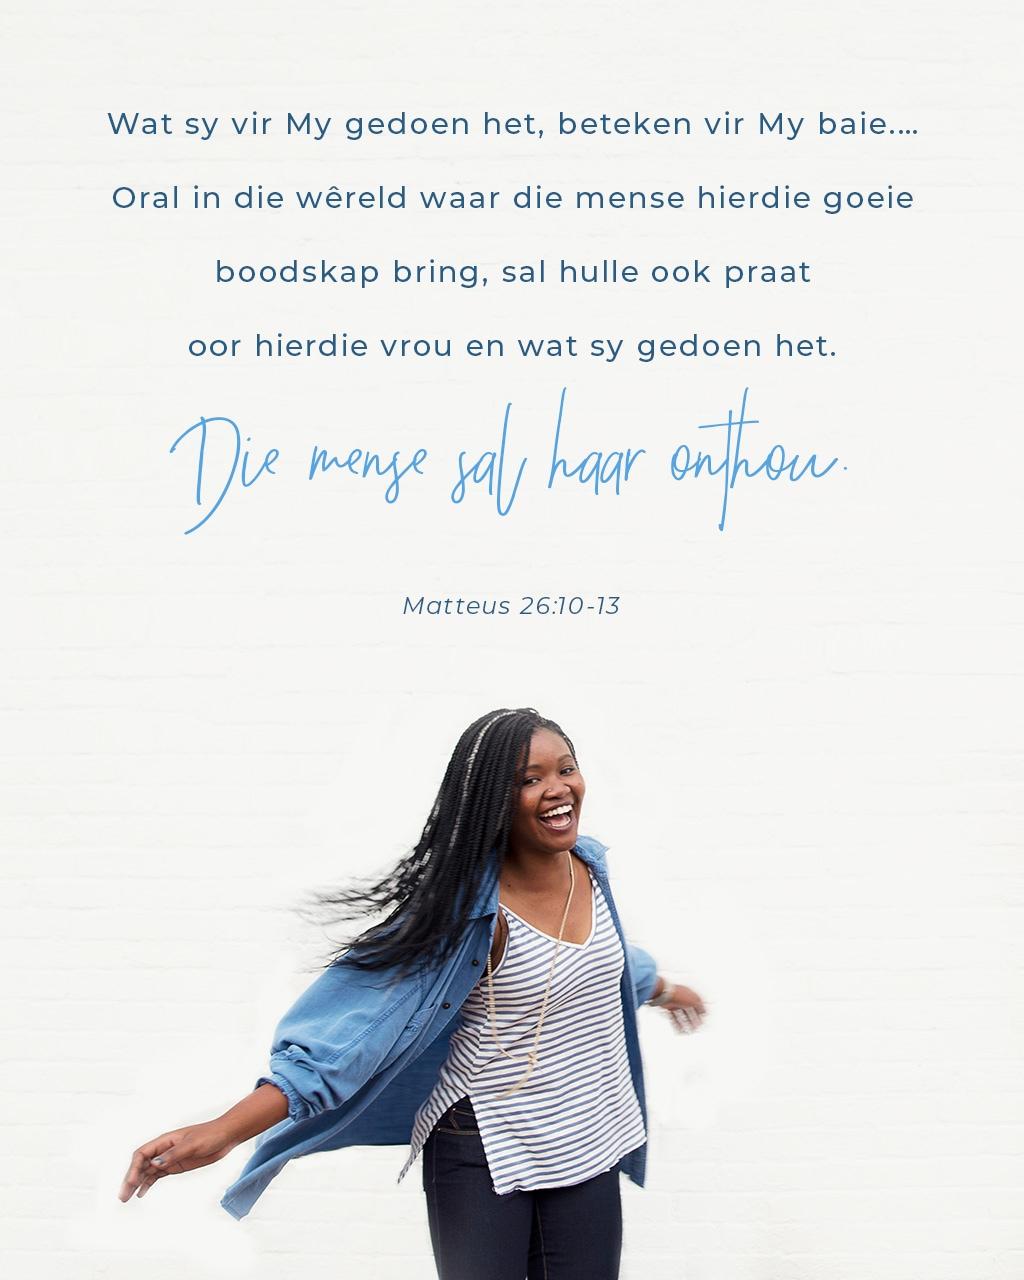 Versbeeld vir Matteus 26:10-13